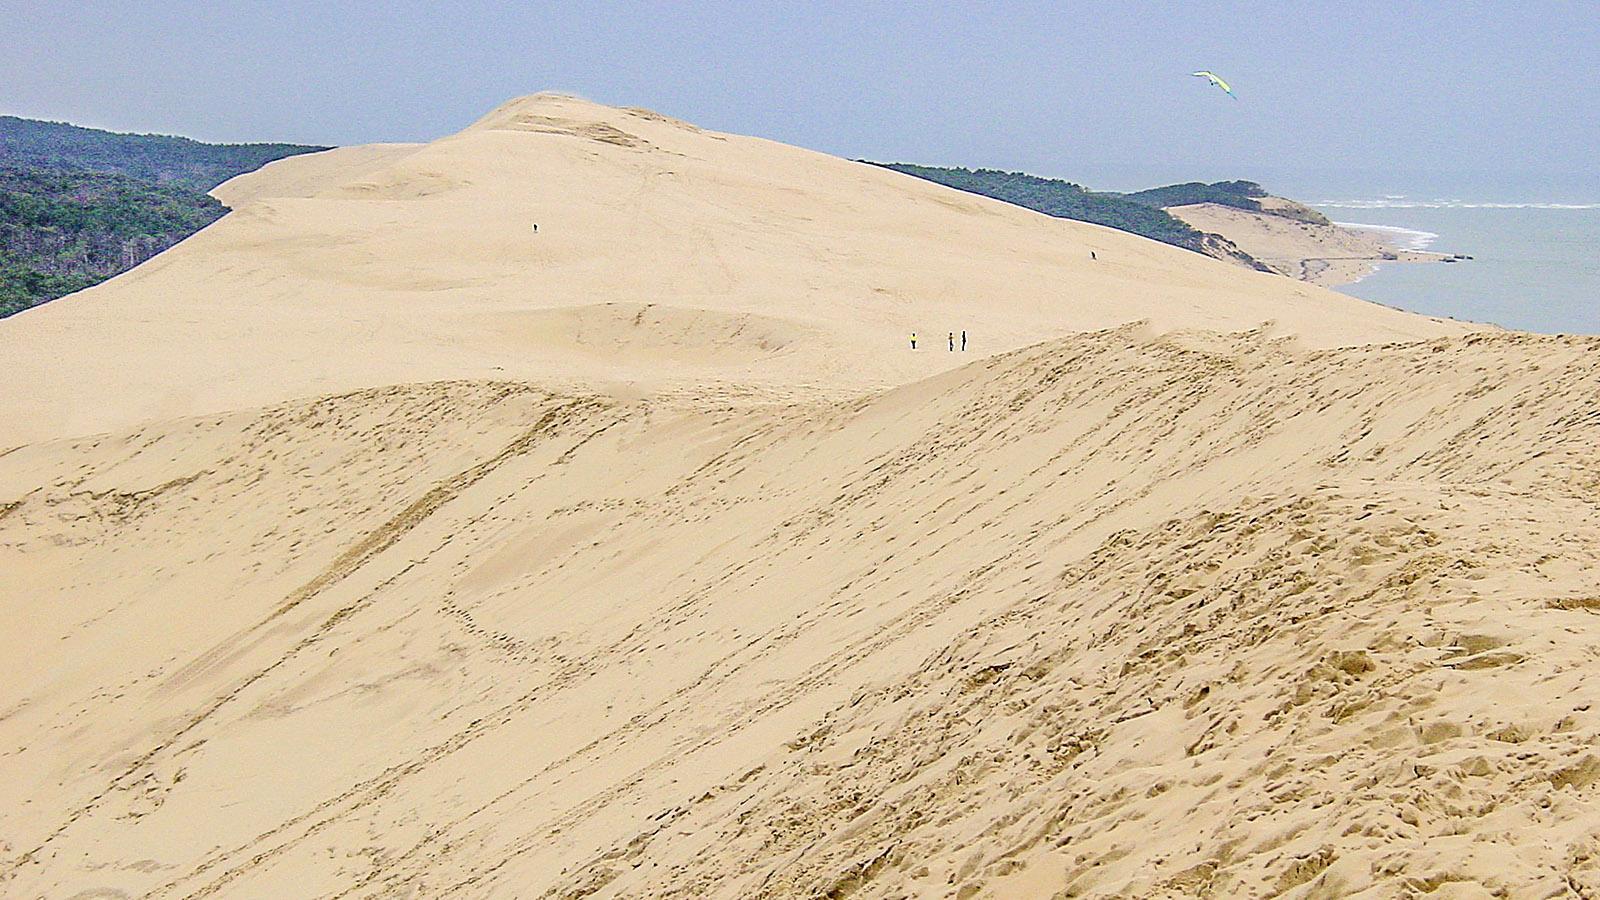 Die Dune de Pilat ist mit fast 107 Metern die höchste Düne Europas. Foto: Hilke Maunder